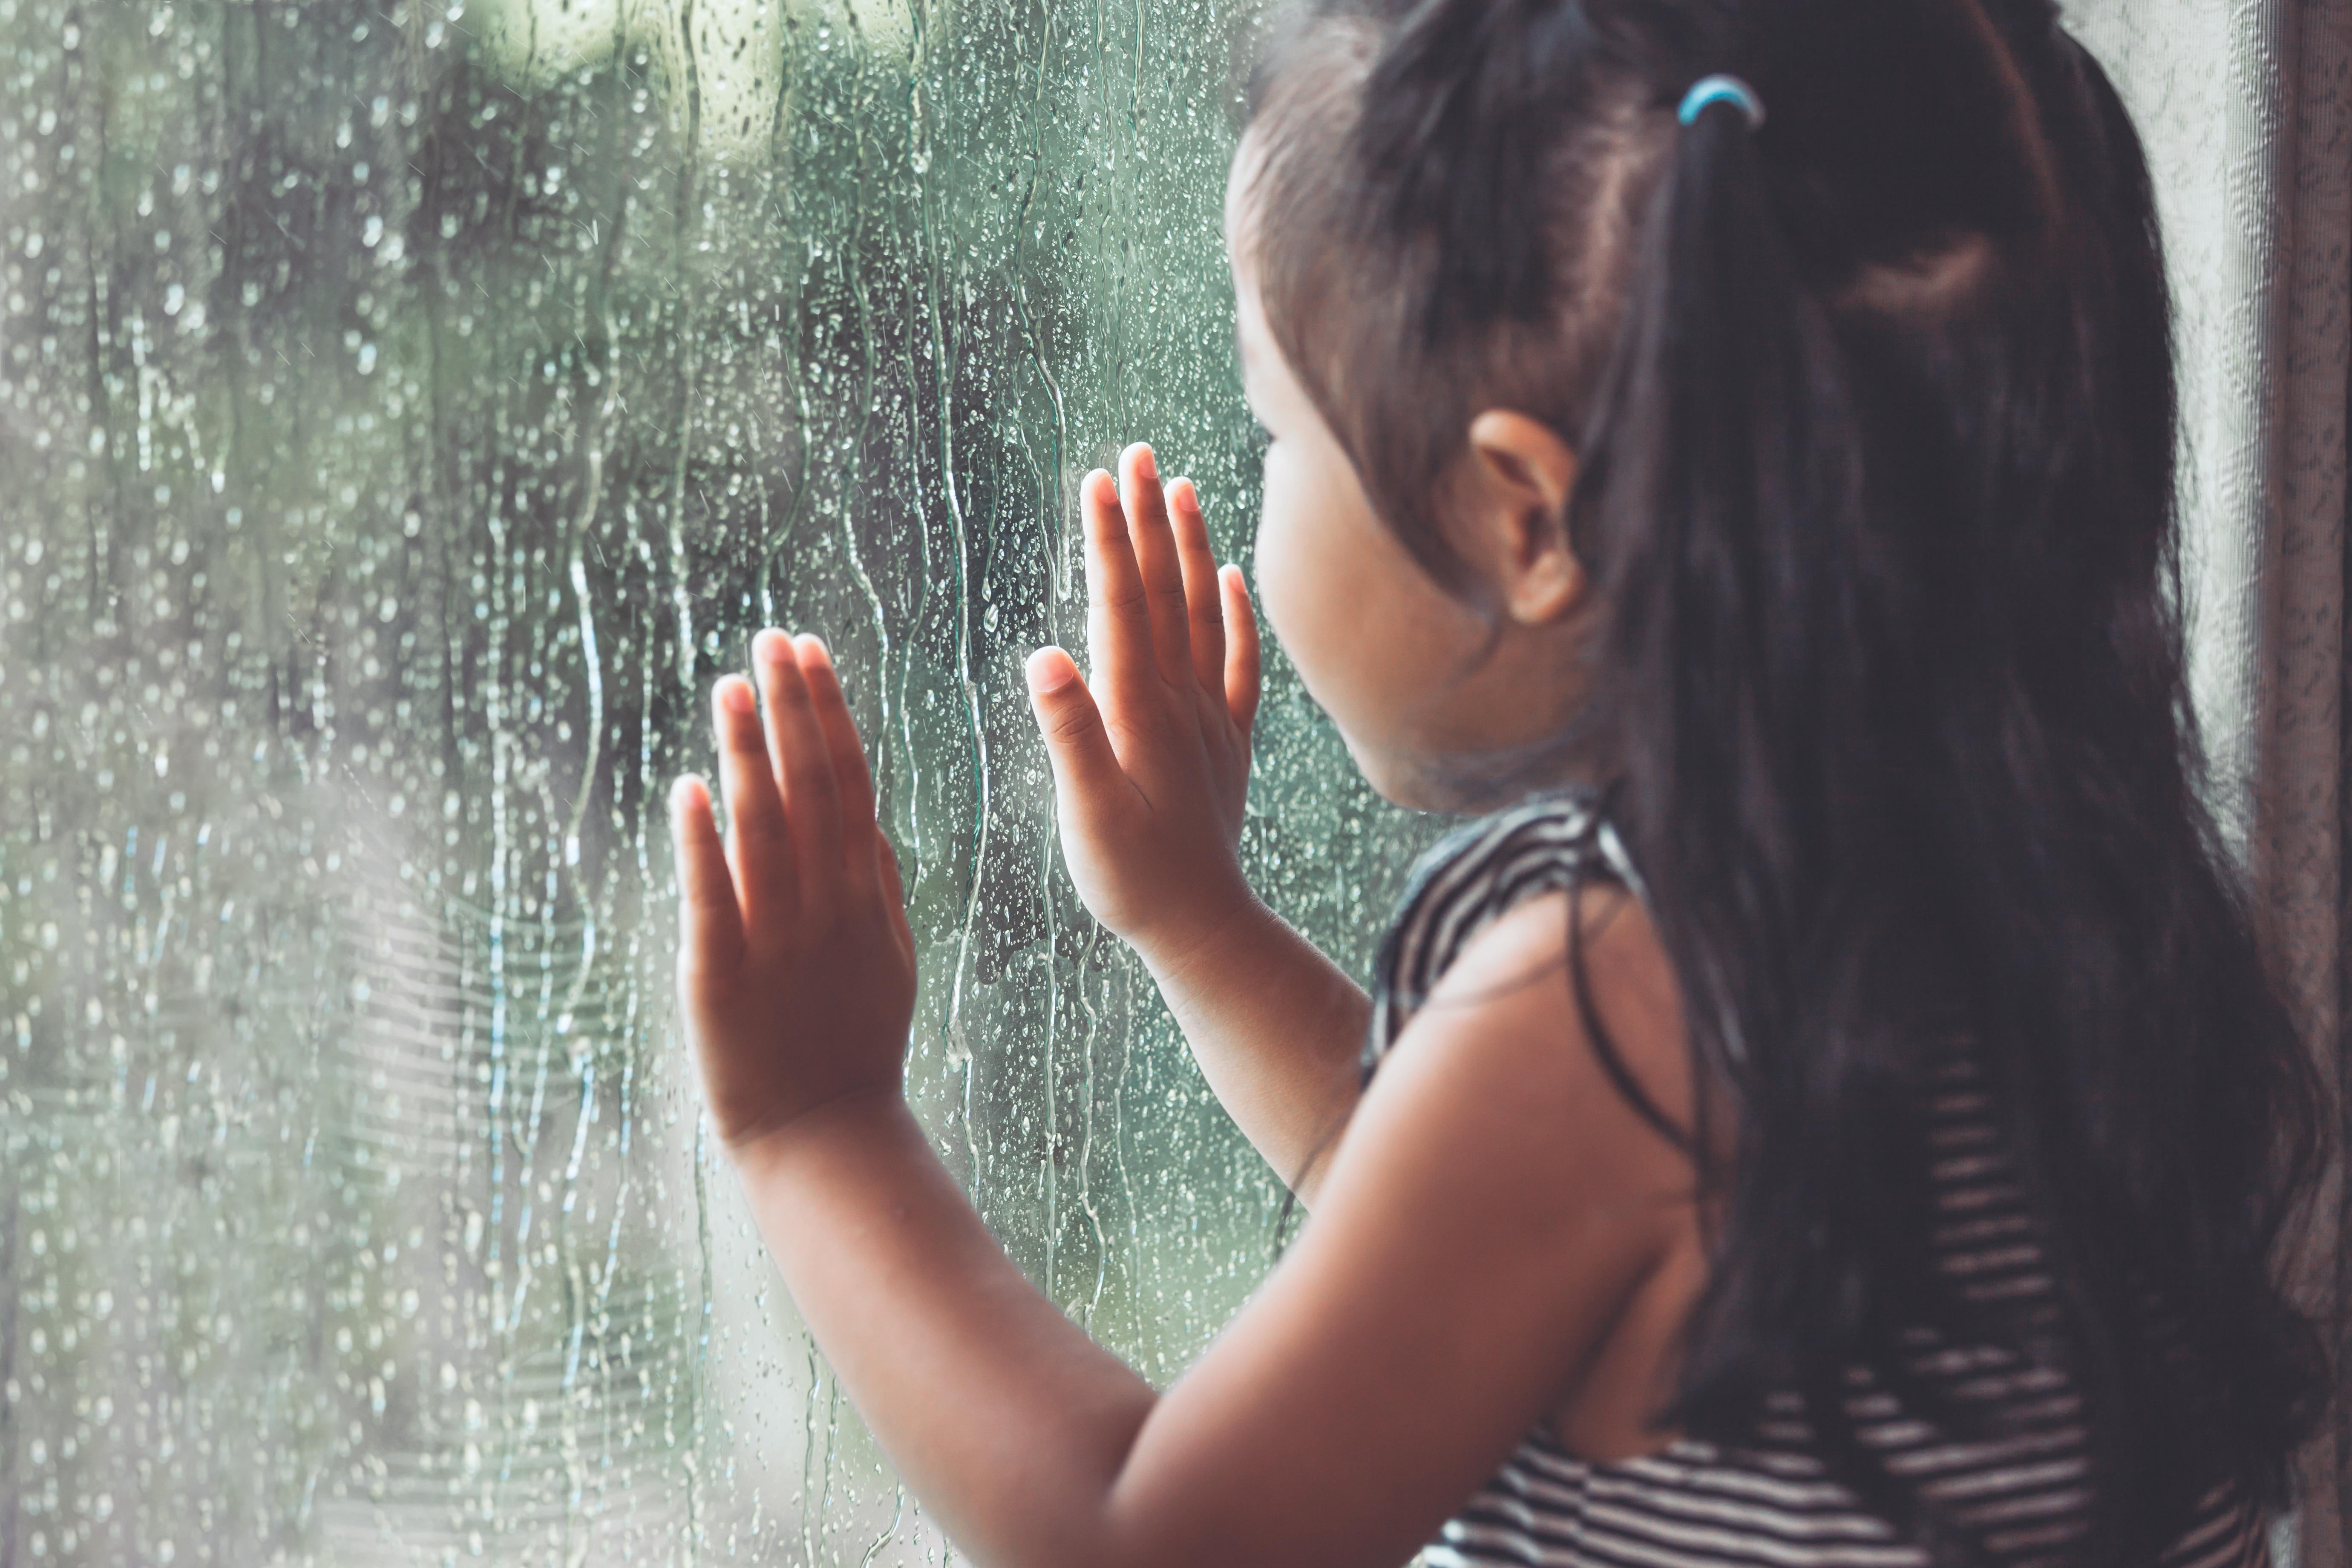 雨の日も家の中で楽しく。子どもも喜ぶ!写真を活用した雨の日の過ごし方3選。